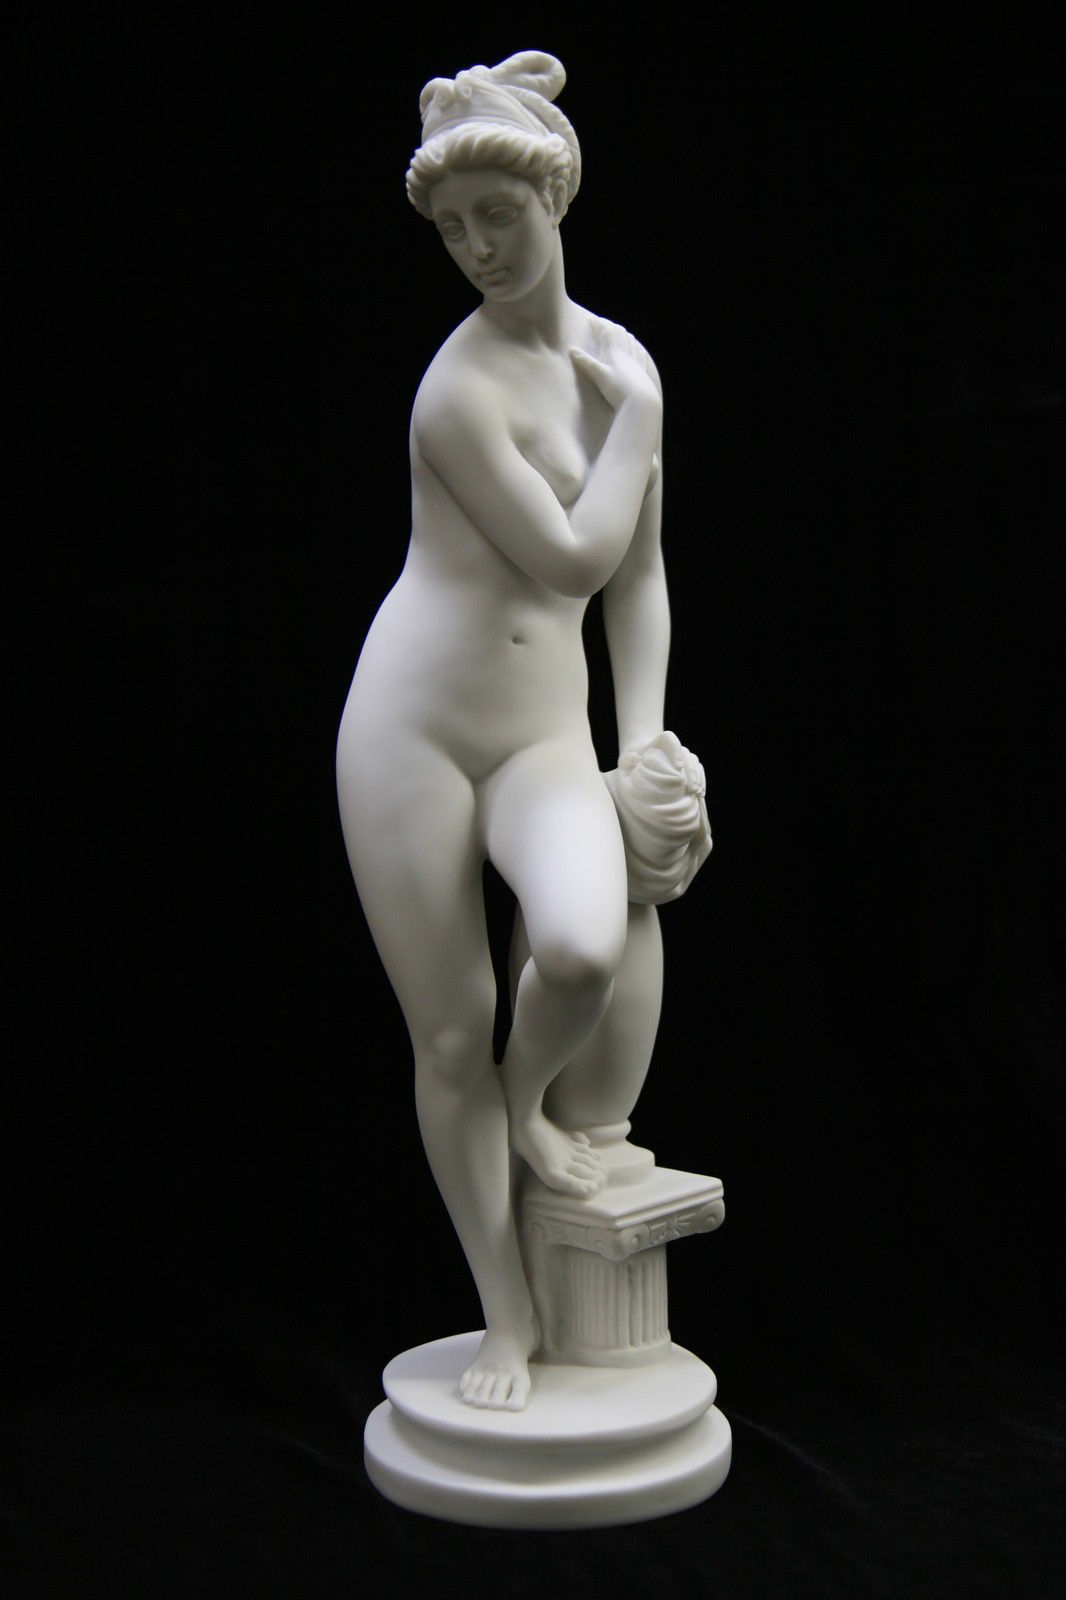 Италия статуя голой толстой женщины порно франции